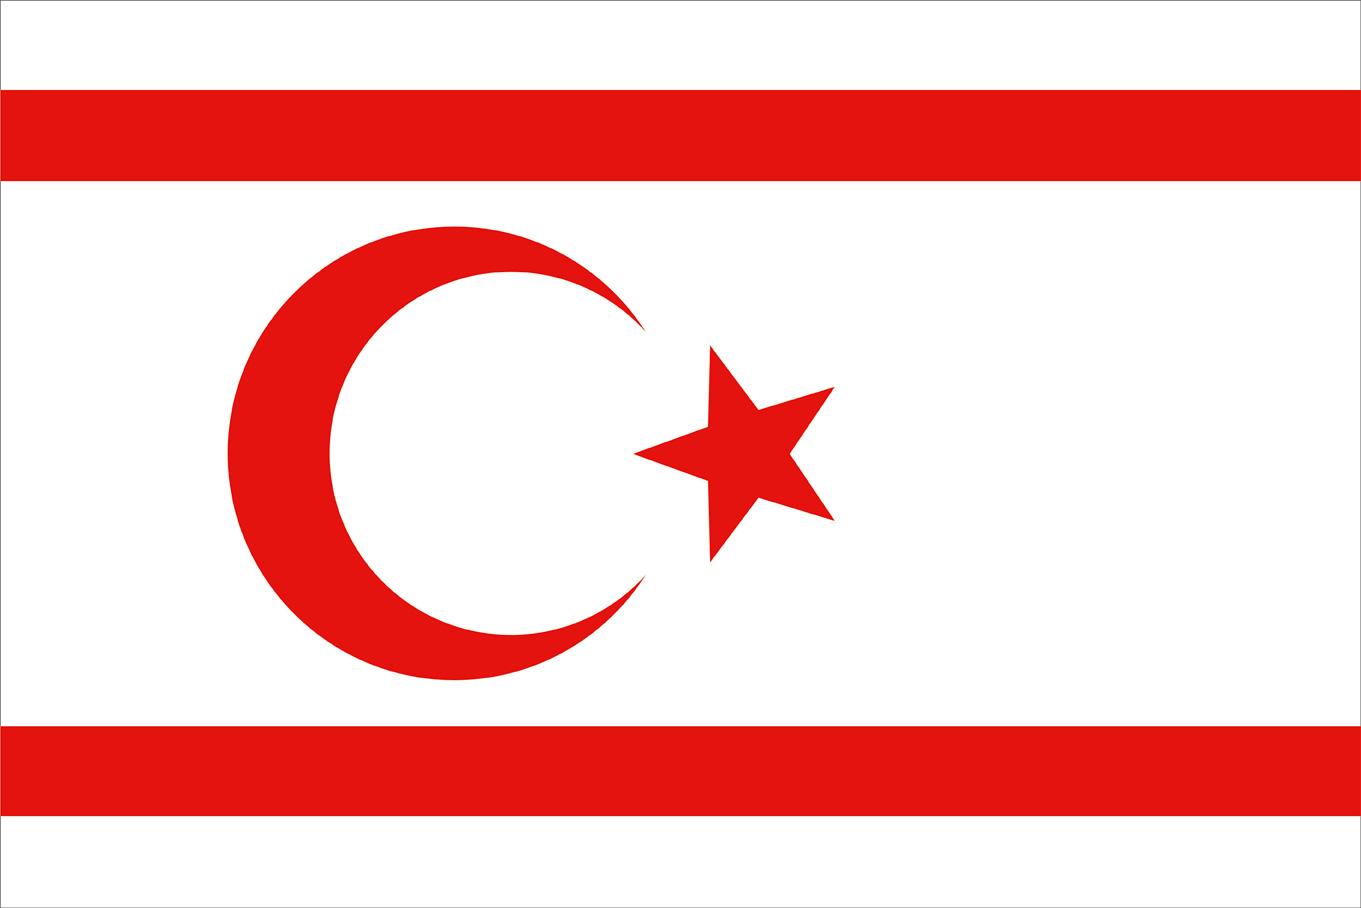 Northern Cyprus, KKTC, flag, bayrak, Kuzey Kıbrıs Türk Cumhuriyeti, Türk devletleri,